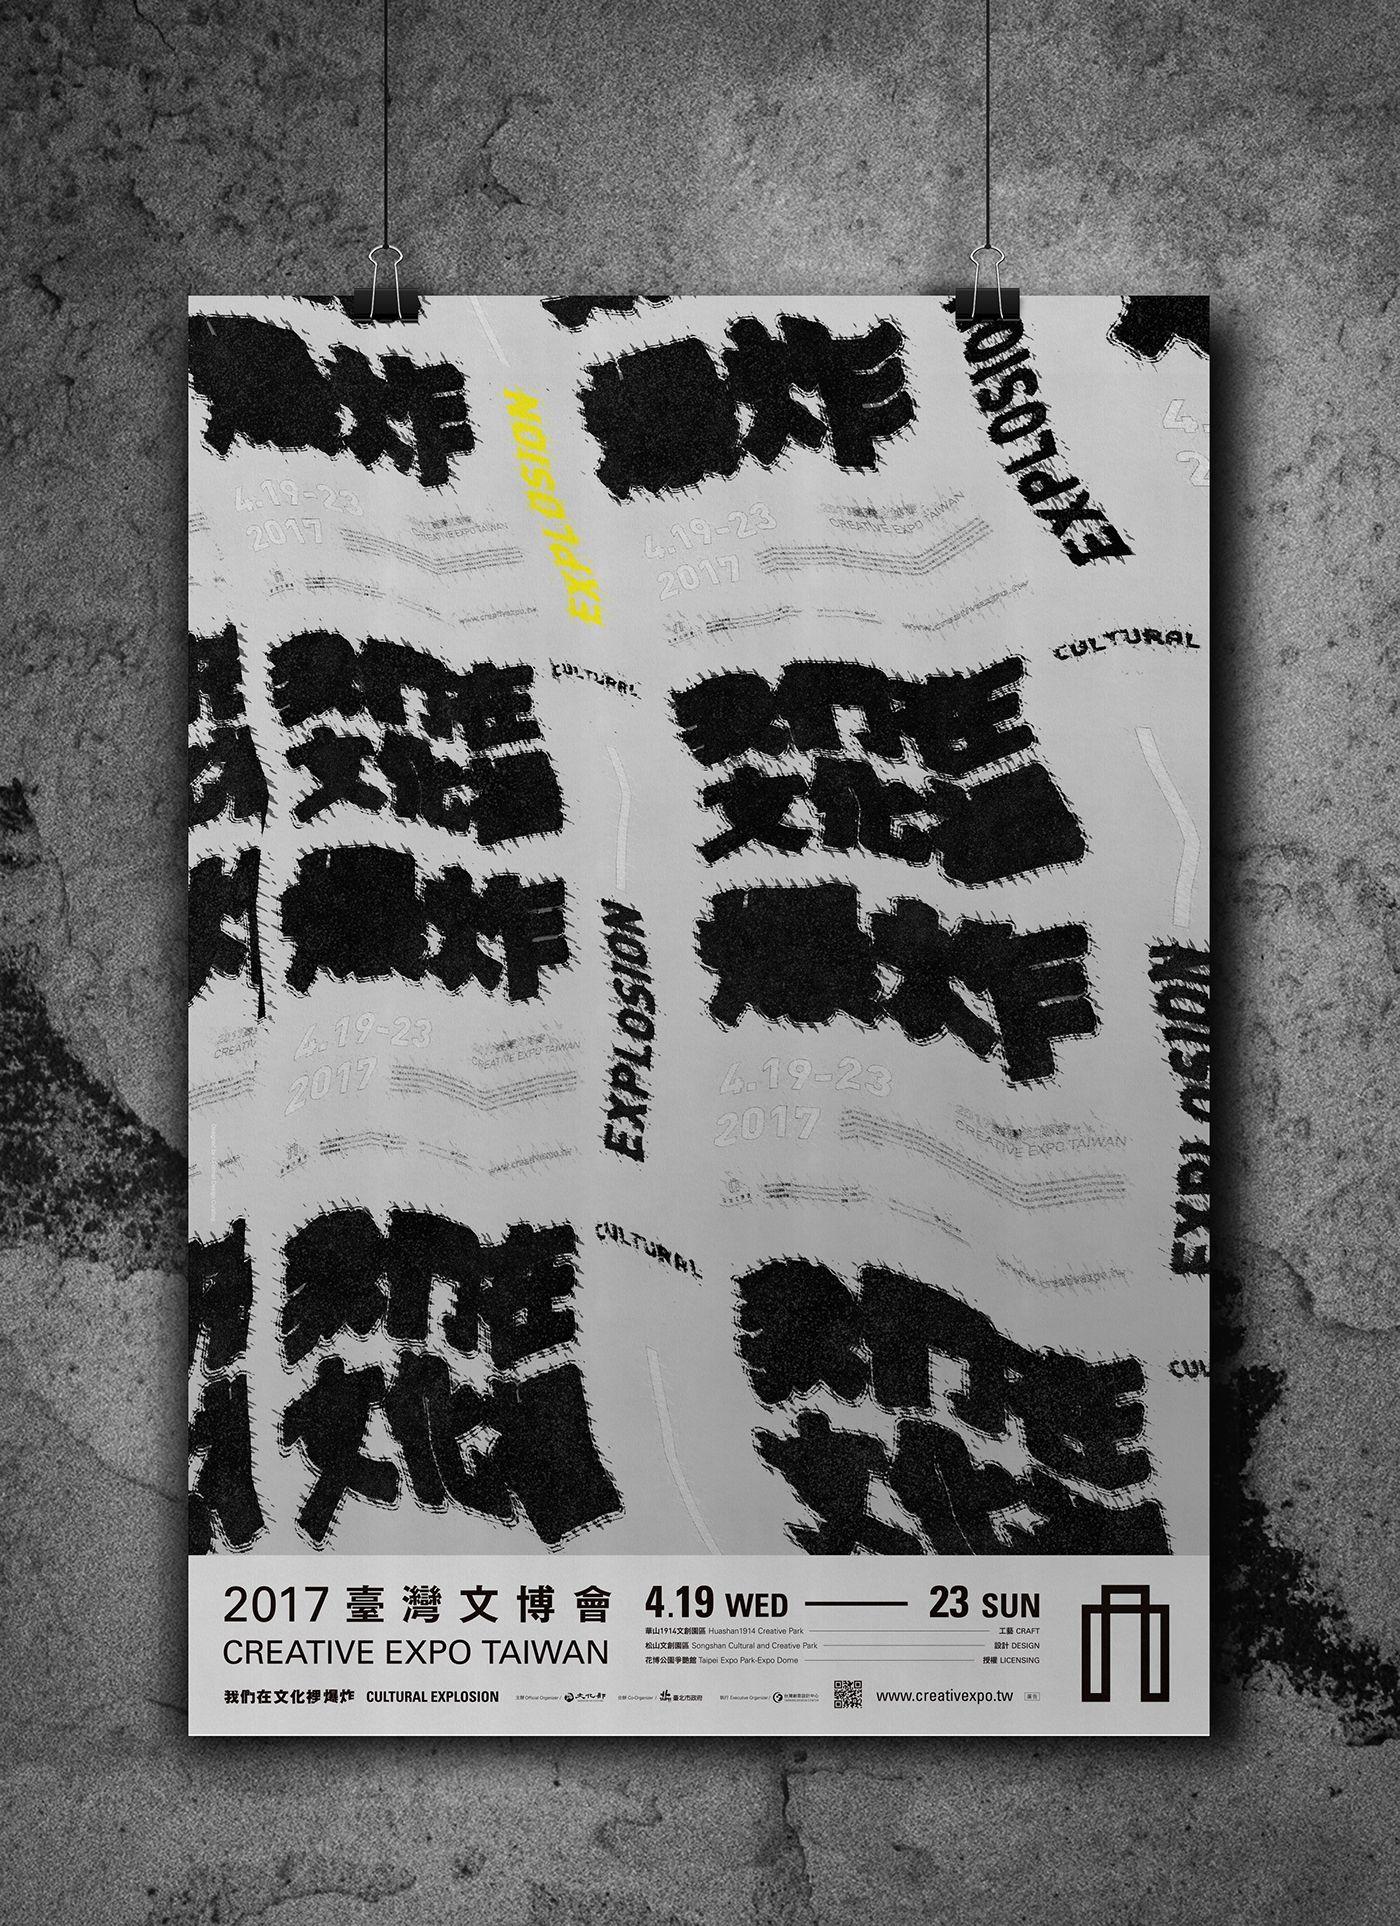 2017臺灣文博會主視覺 / Creative Expo Taiwan 2017 KV   Zh   Typography design, Typography layout, Graphic design